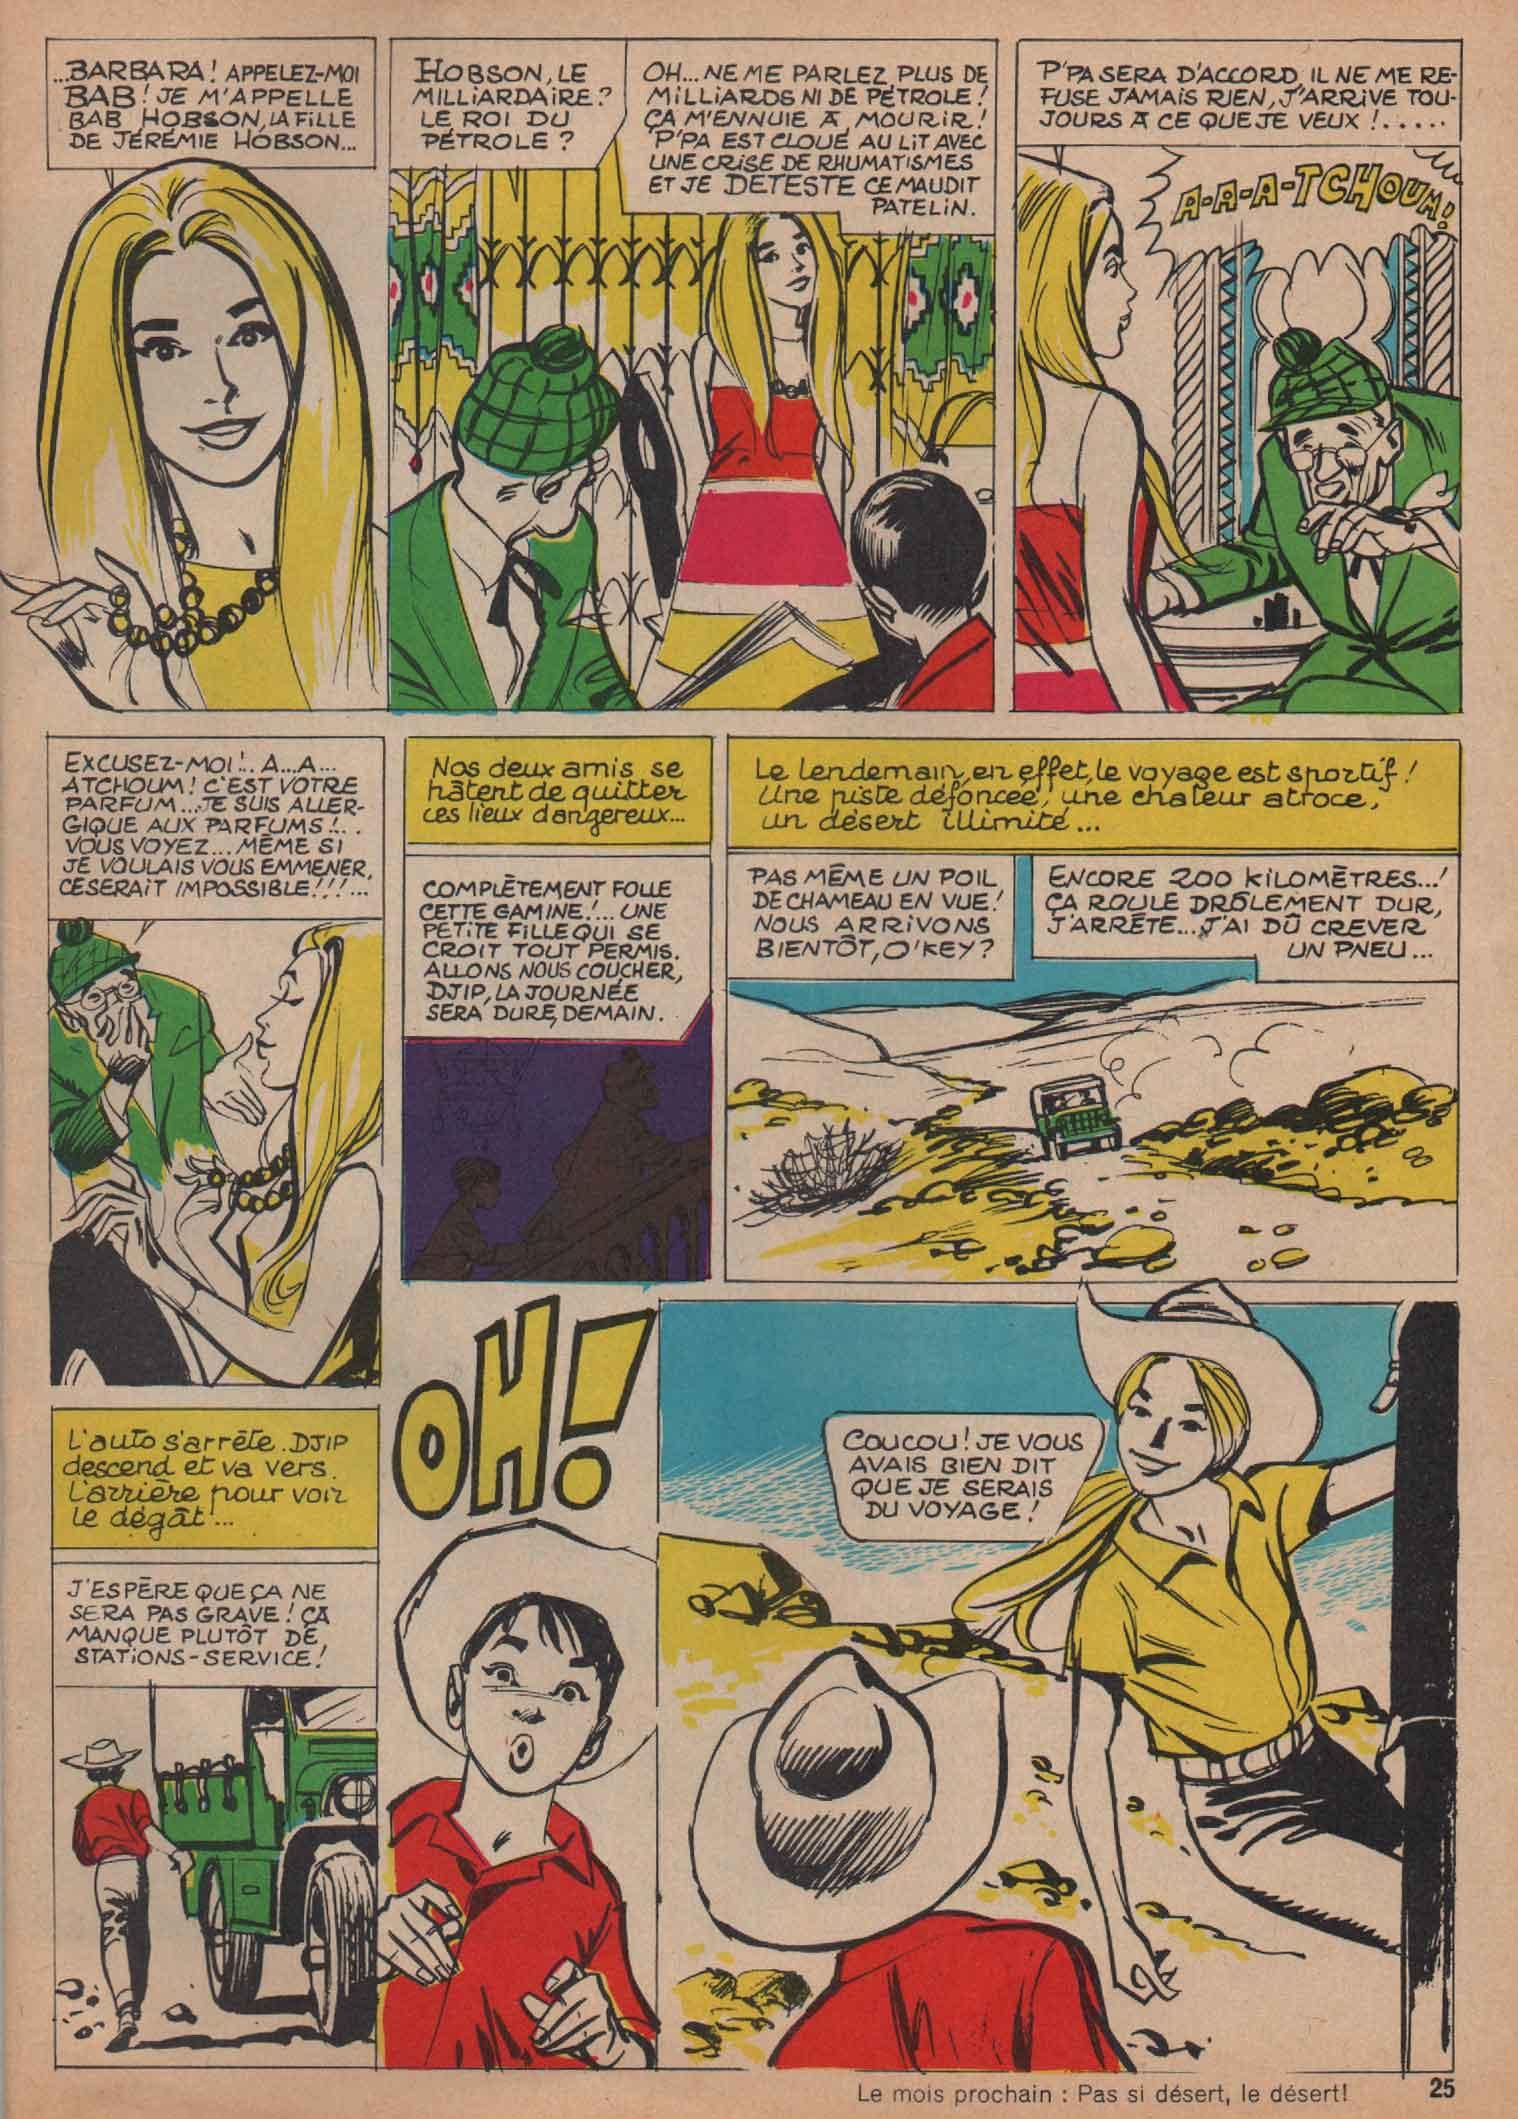 « Djip » Terres lointaines n° 204 (11/1968).